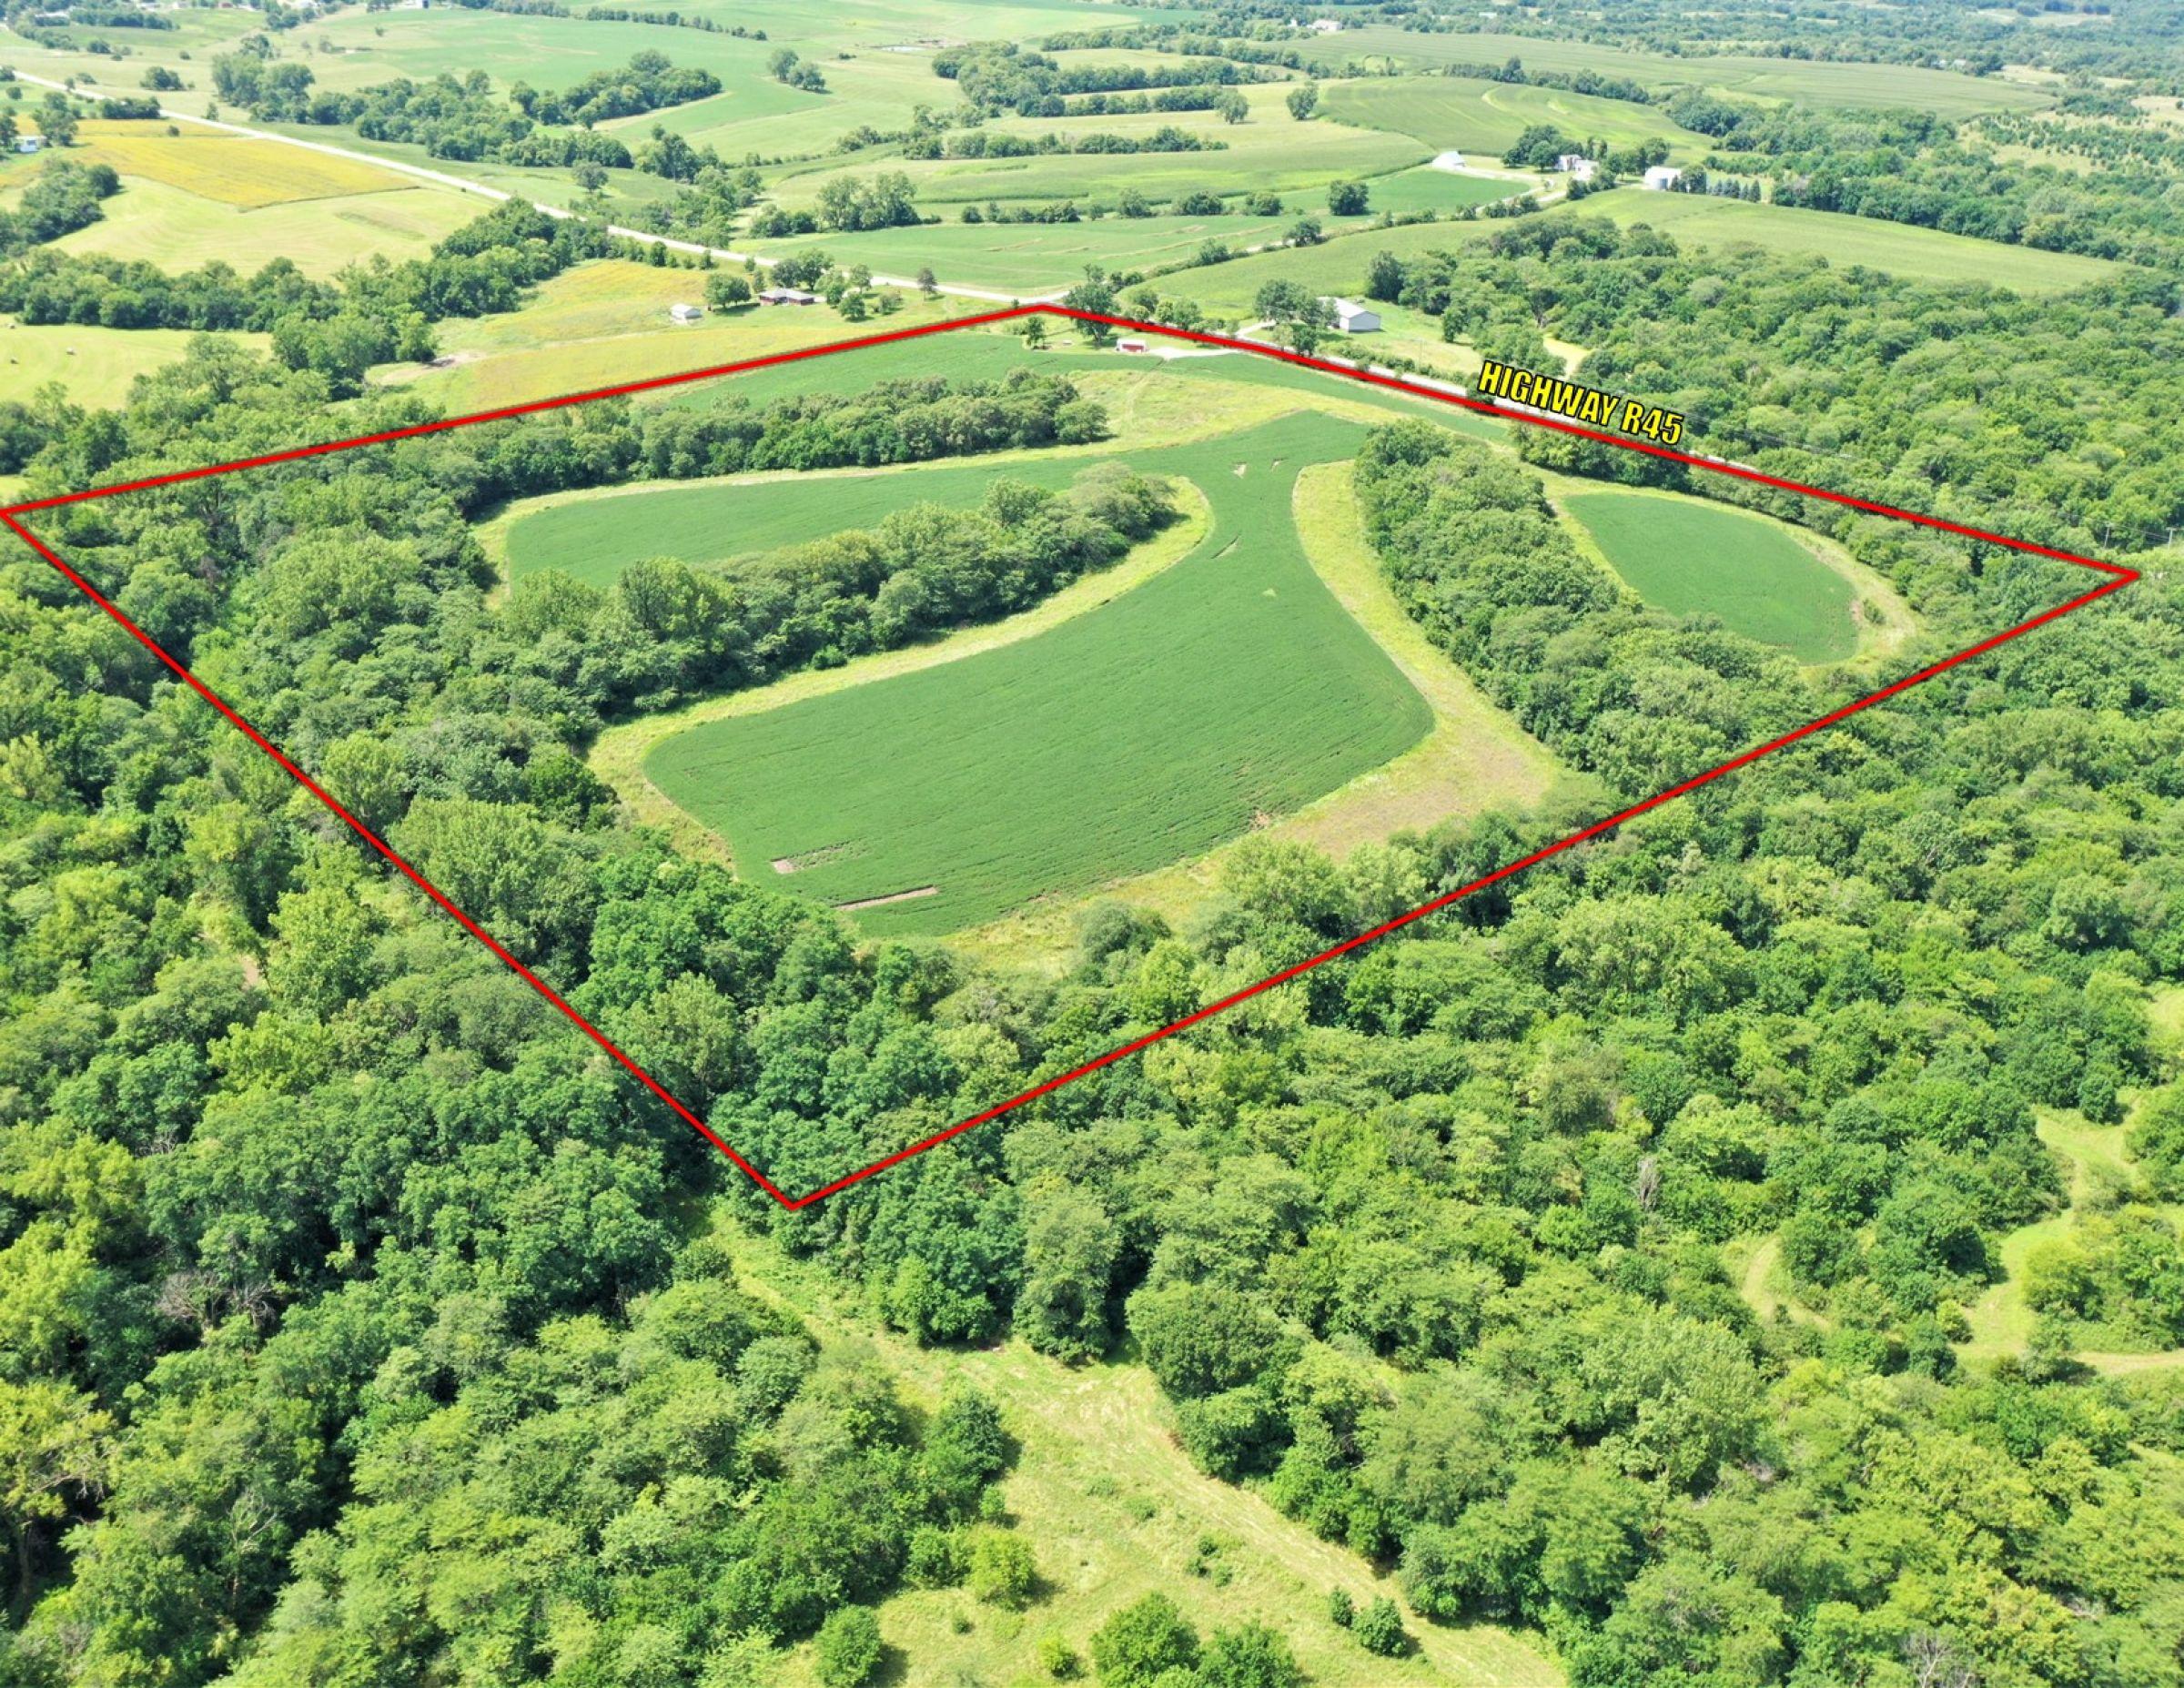 warren-county-iowa-40-acres-listing-number-15145-1-2020-08-28-144222.jpg